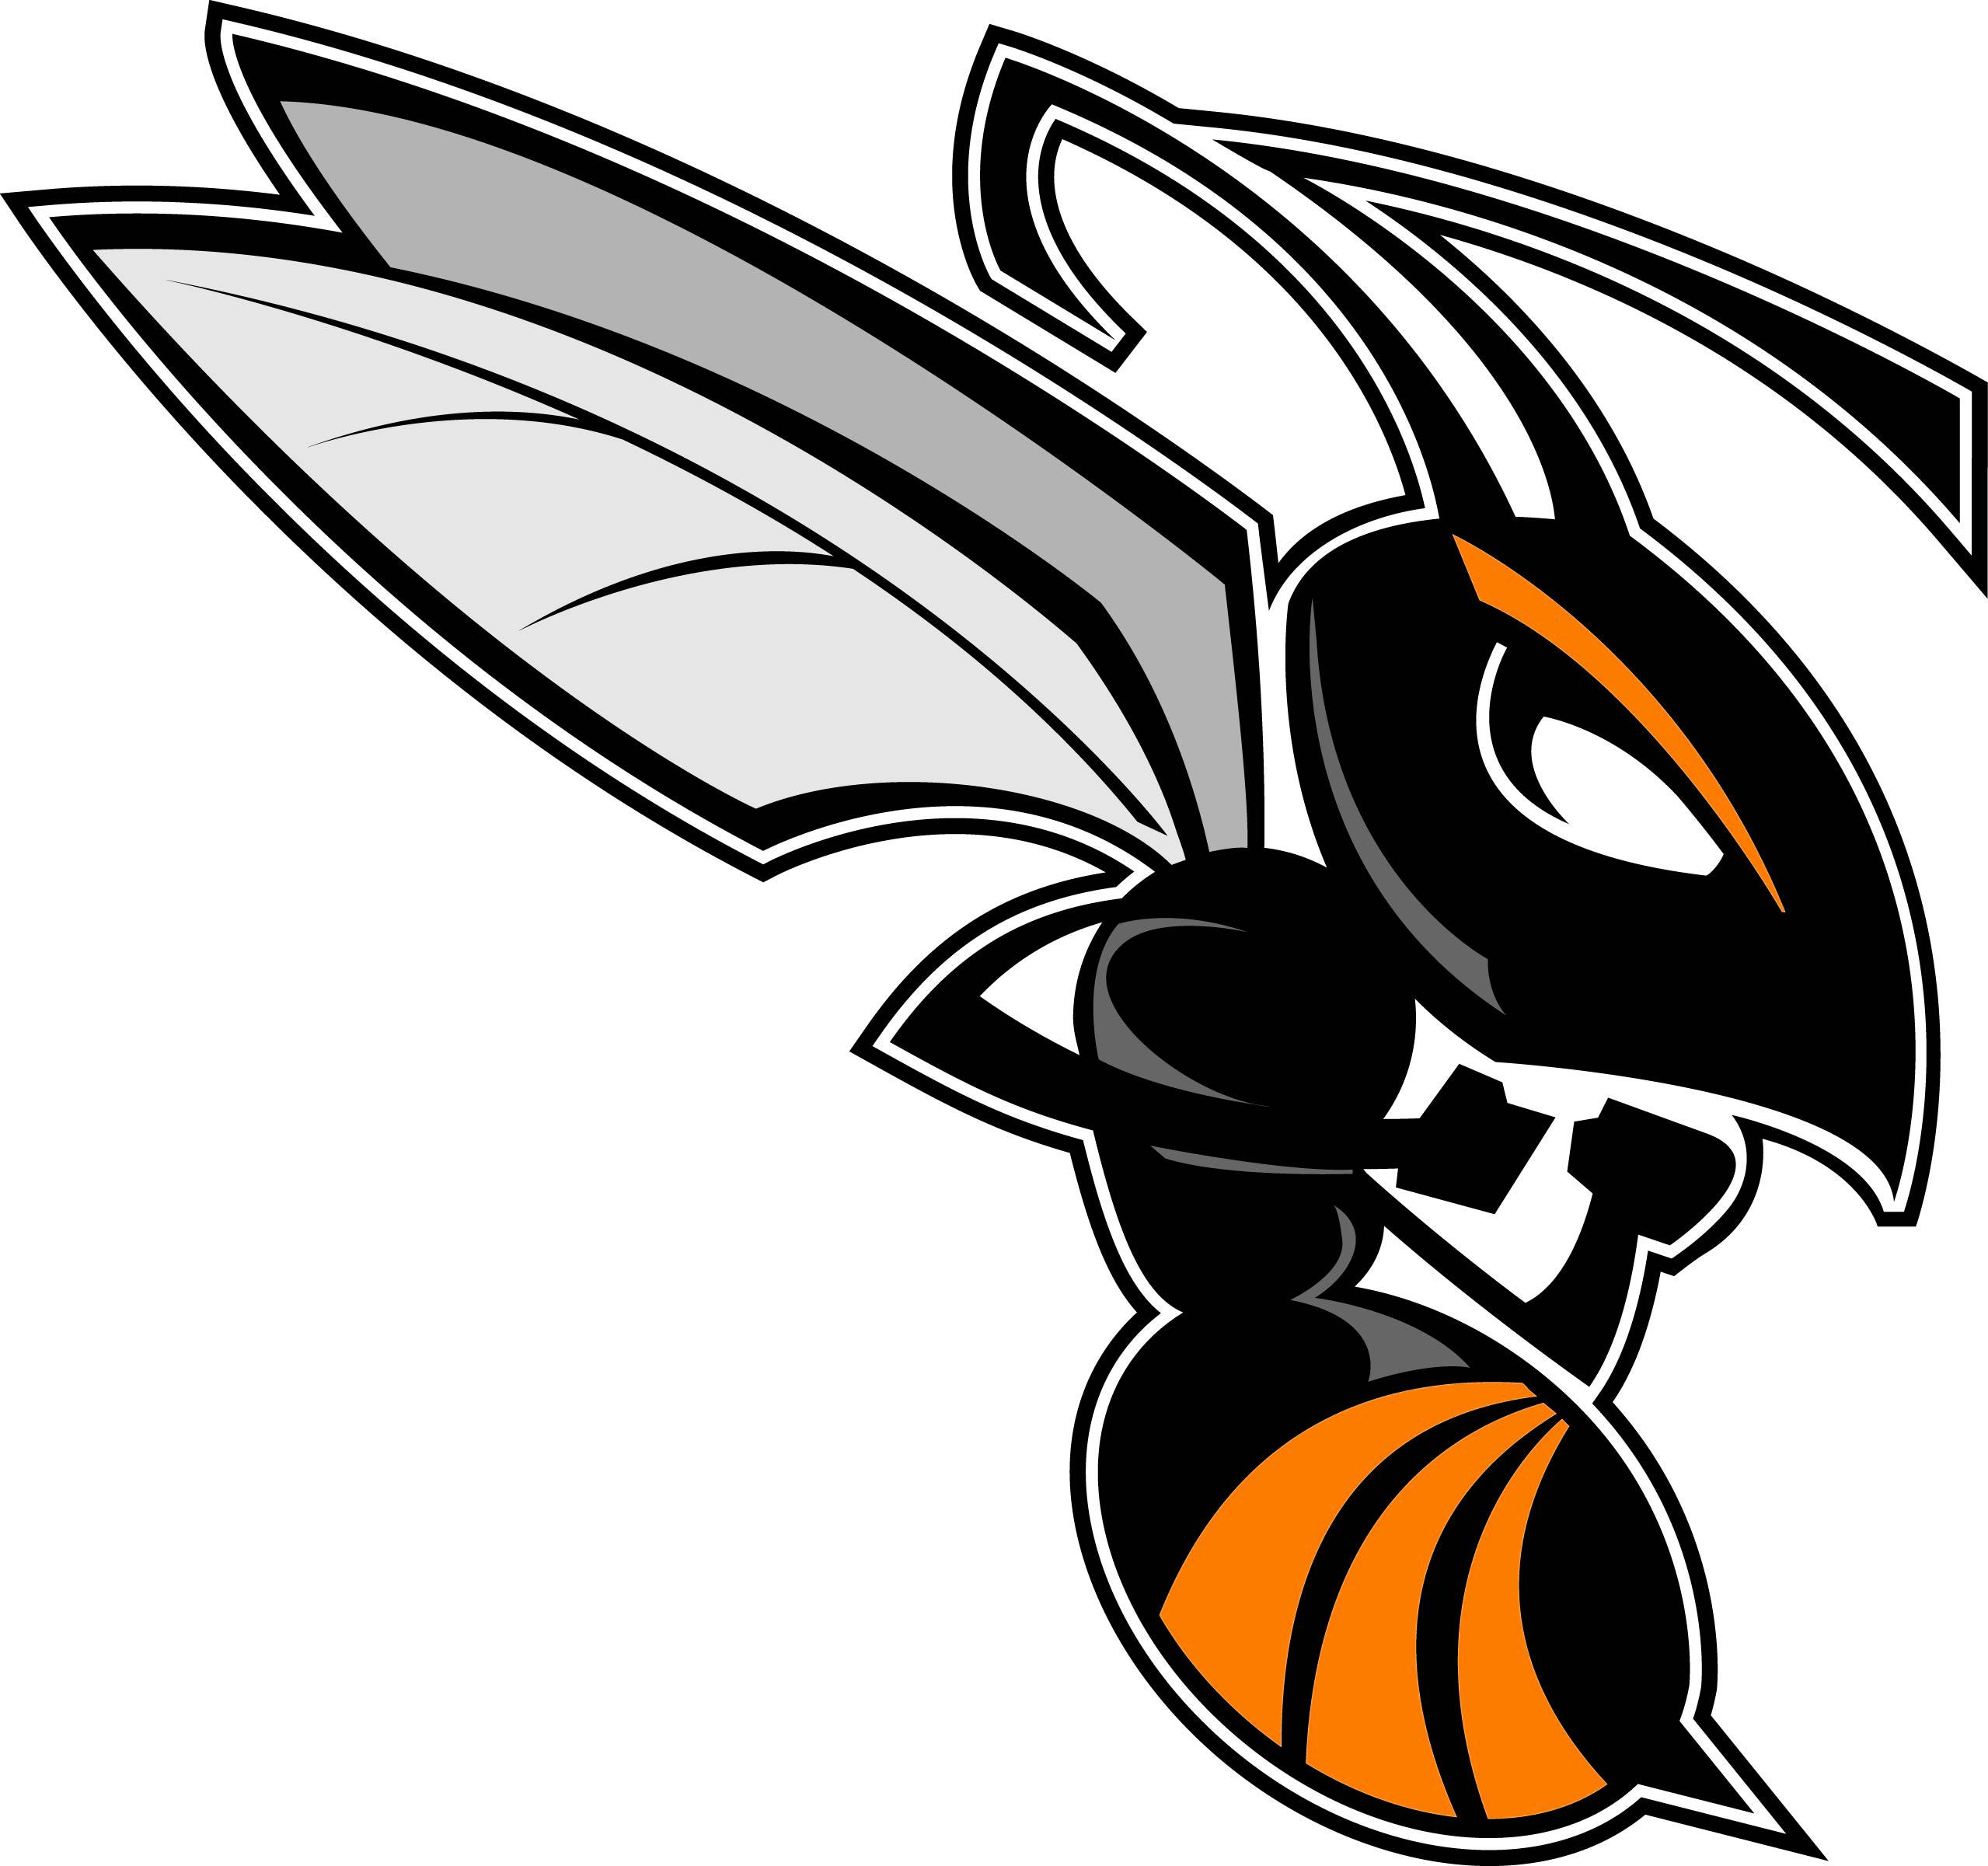 Hornet logo clipart